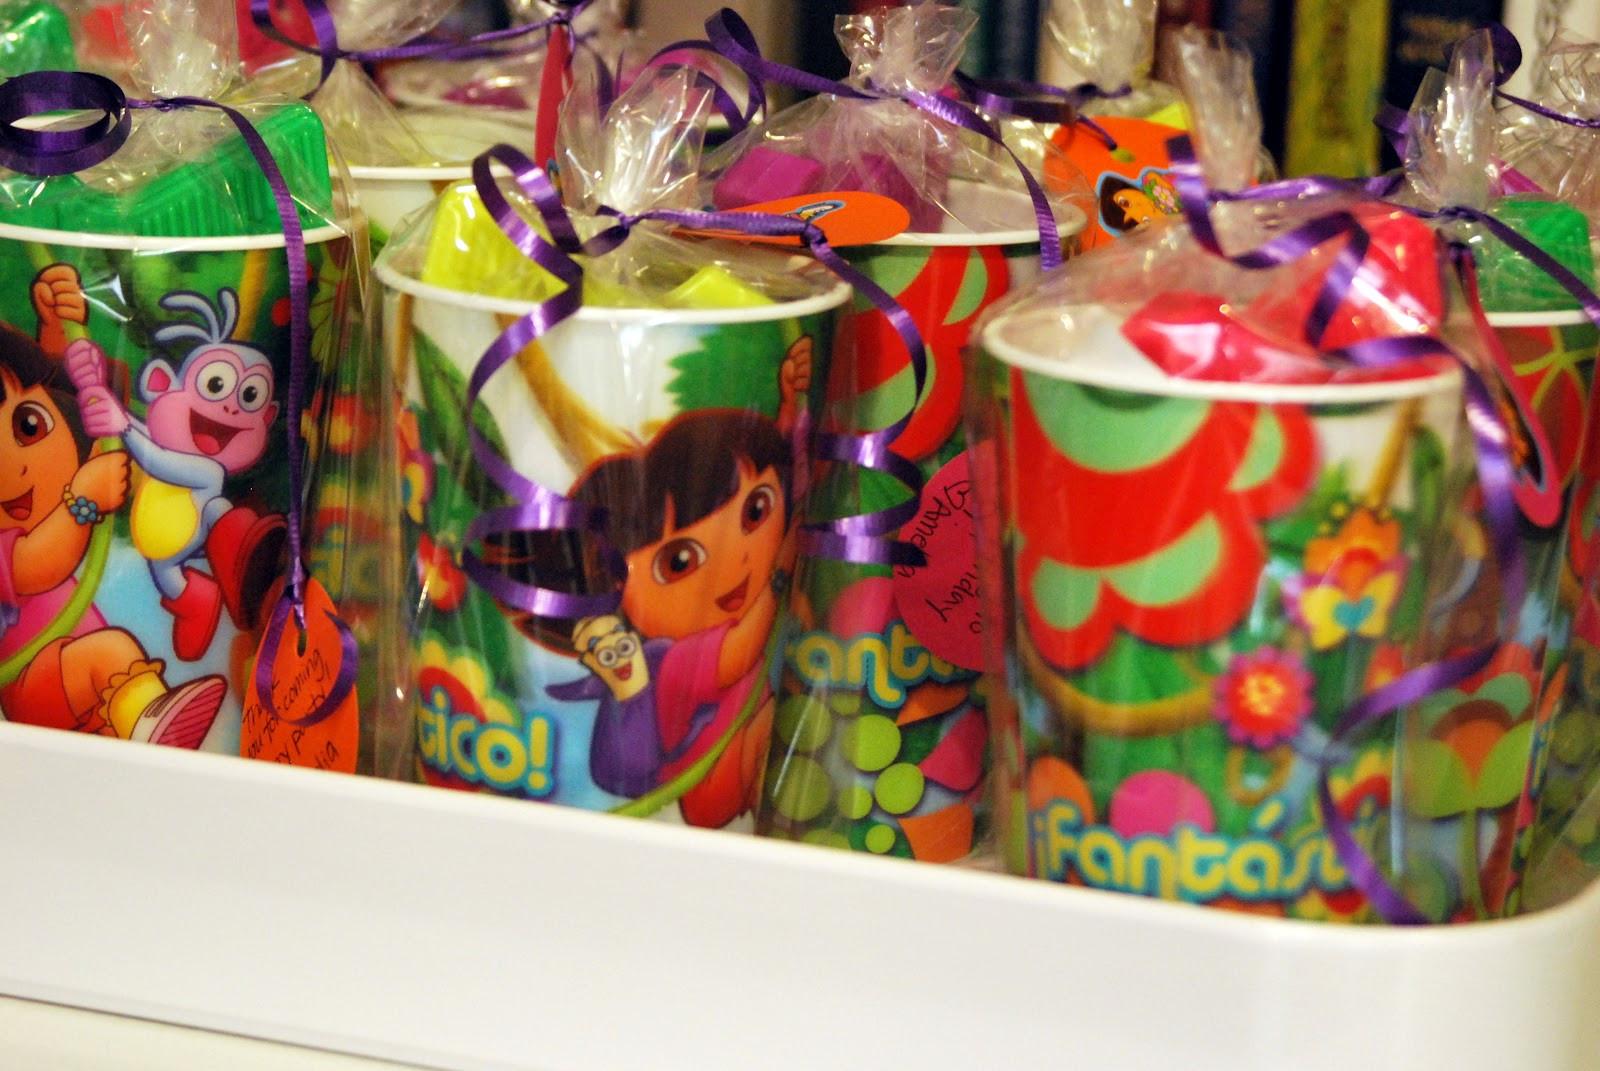 Dora Birthday Decorations  Dora Birthday Party Ideas Dora Birthday Party Supplies